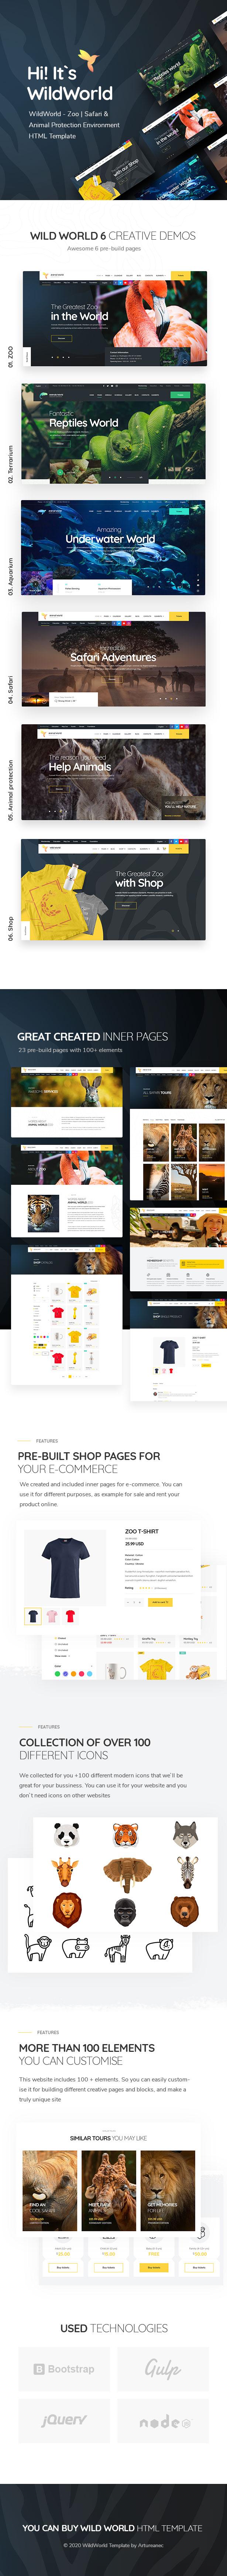 WildWorld - Zoo | Safari & Animal Protection Environment HTML Template - 2